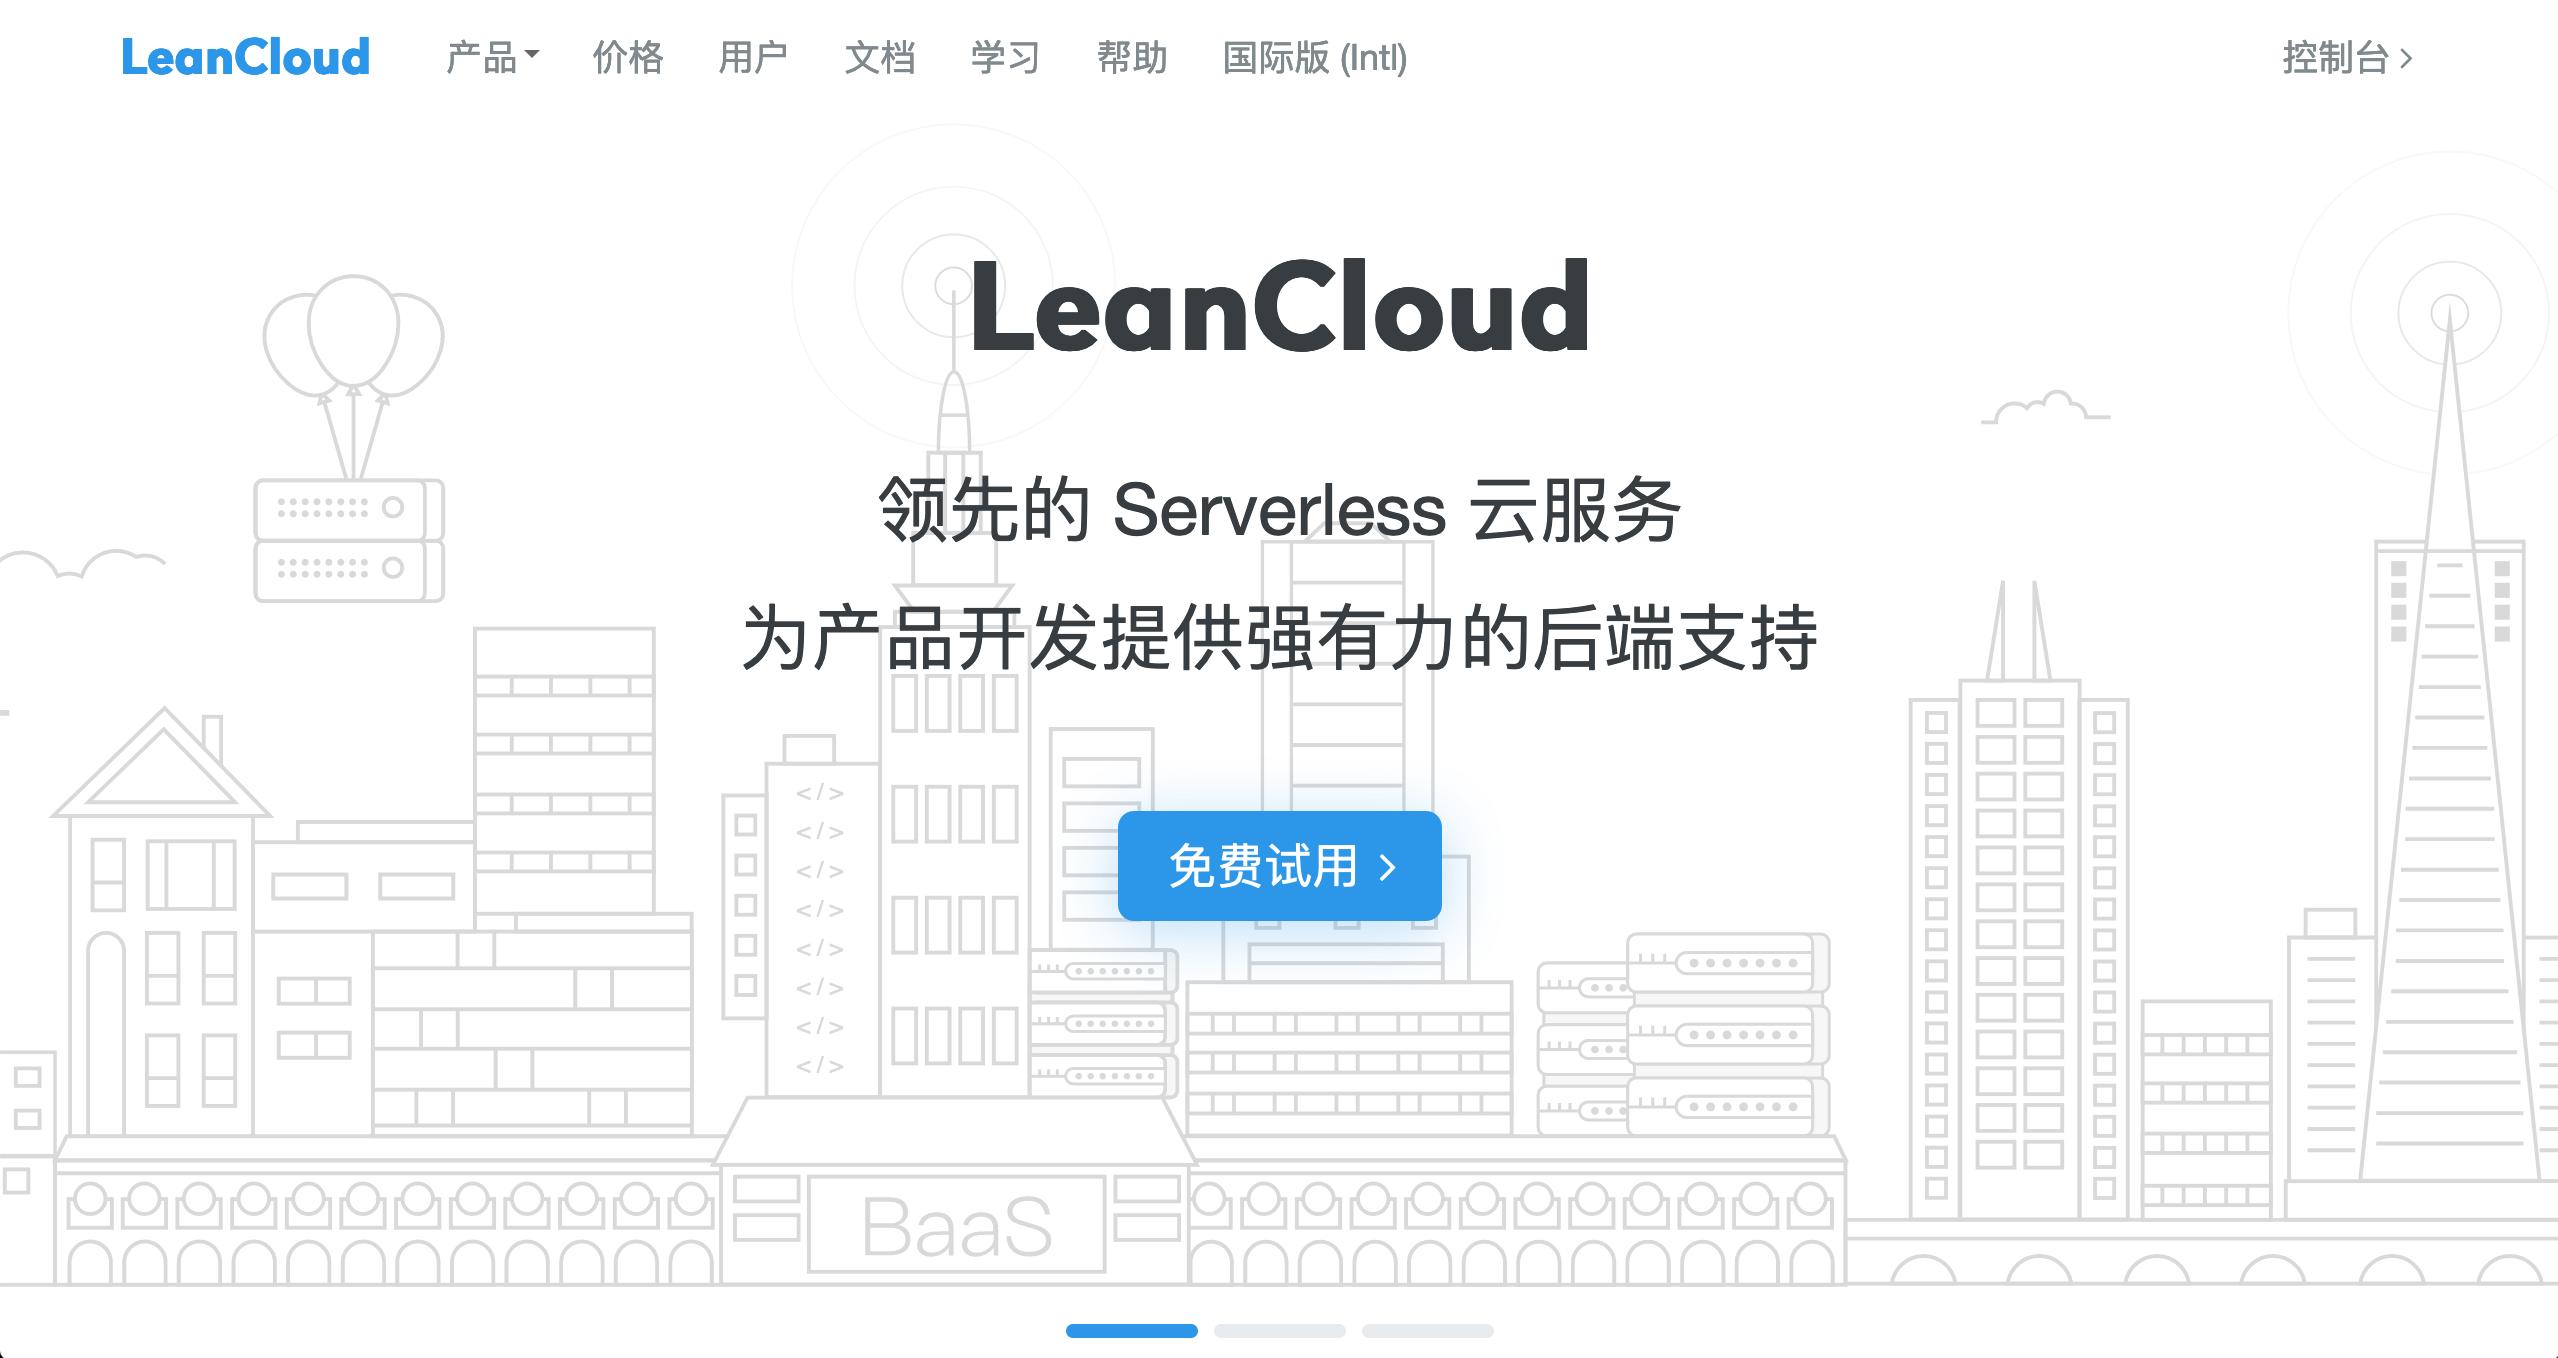 LeanCloud.png